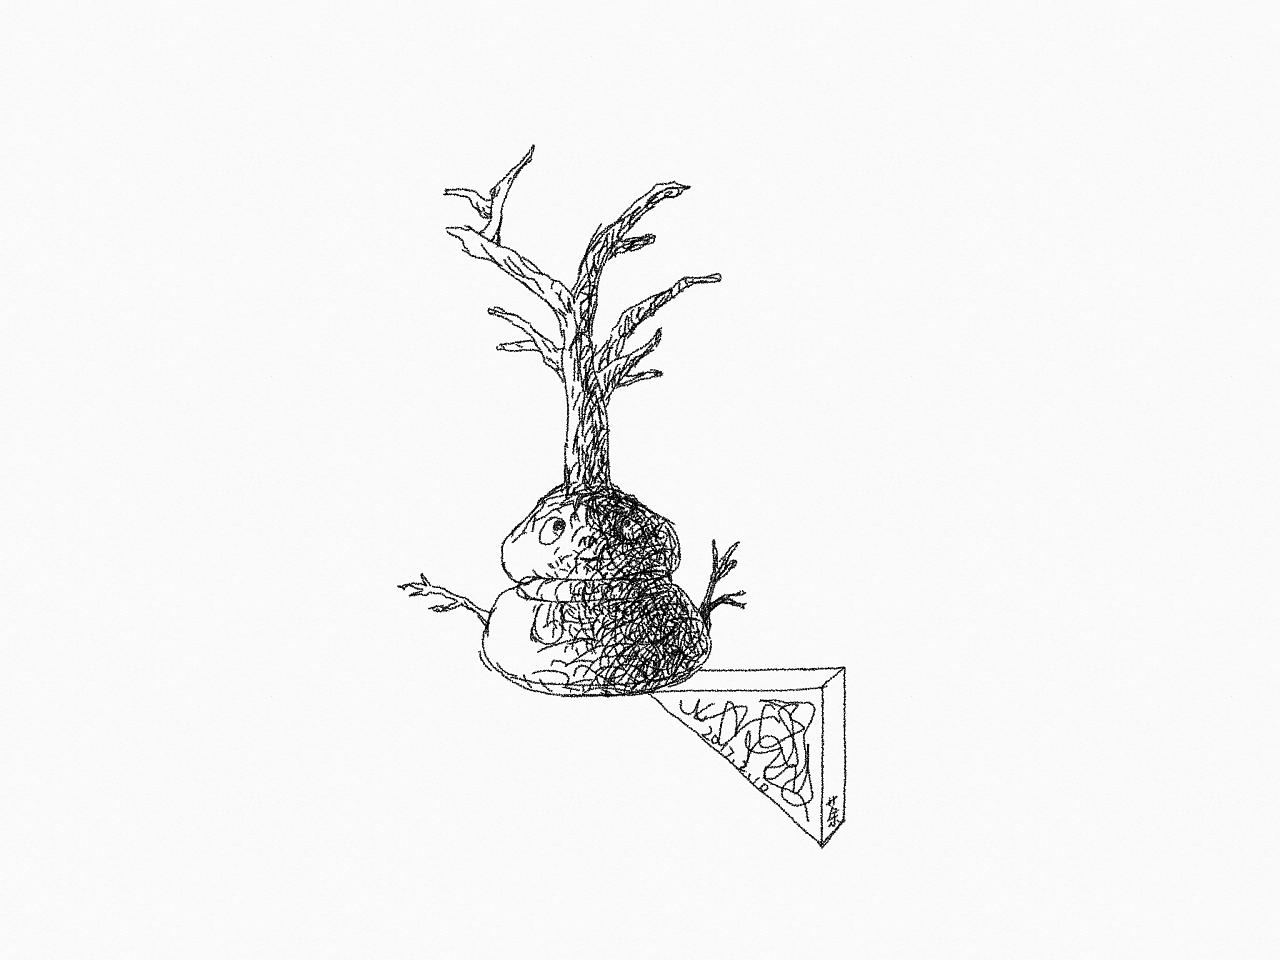 树木交错的枝梢,神秘莫测.